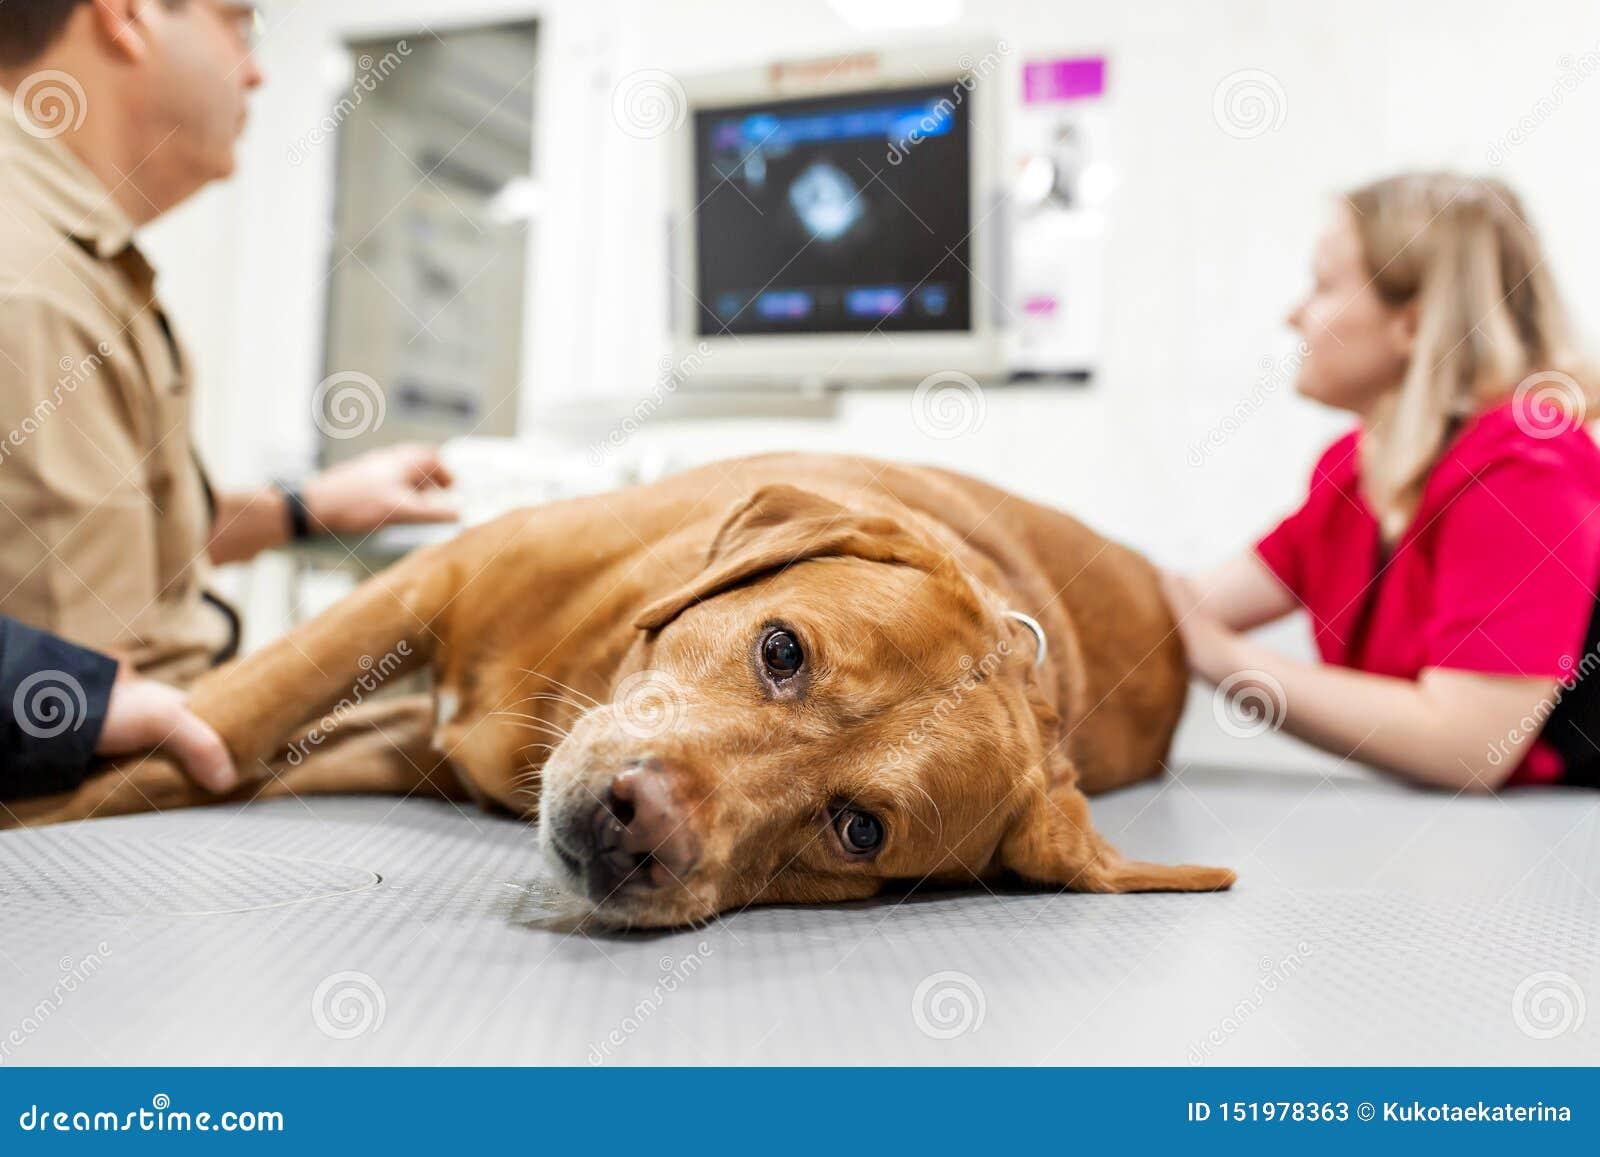 医生兽医做超声波和心电图狗的心脏在办公室 病态的狗品种看的拉布拉多